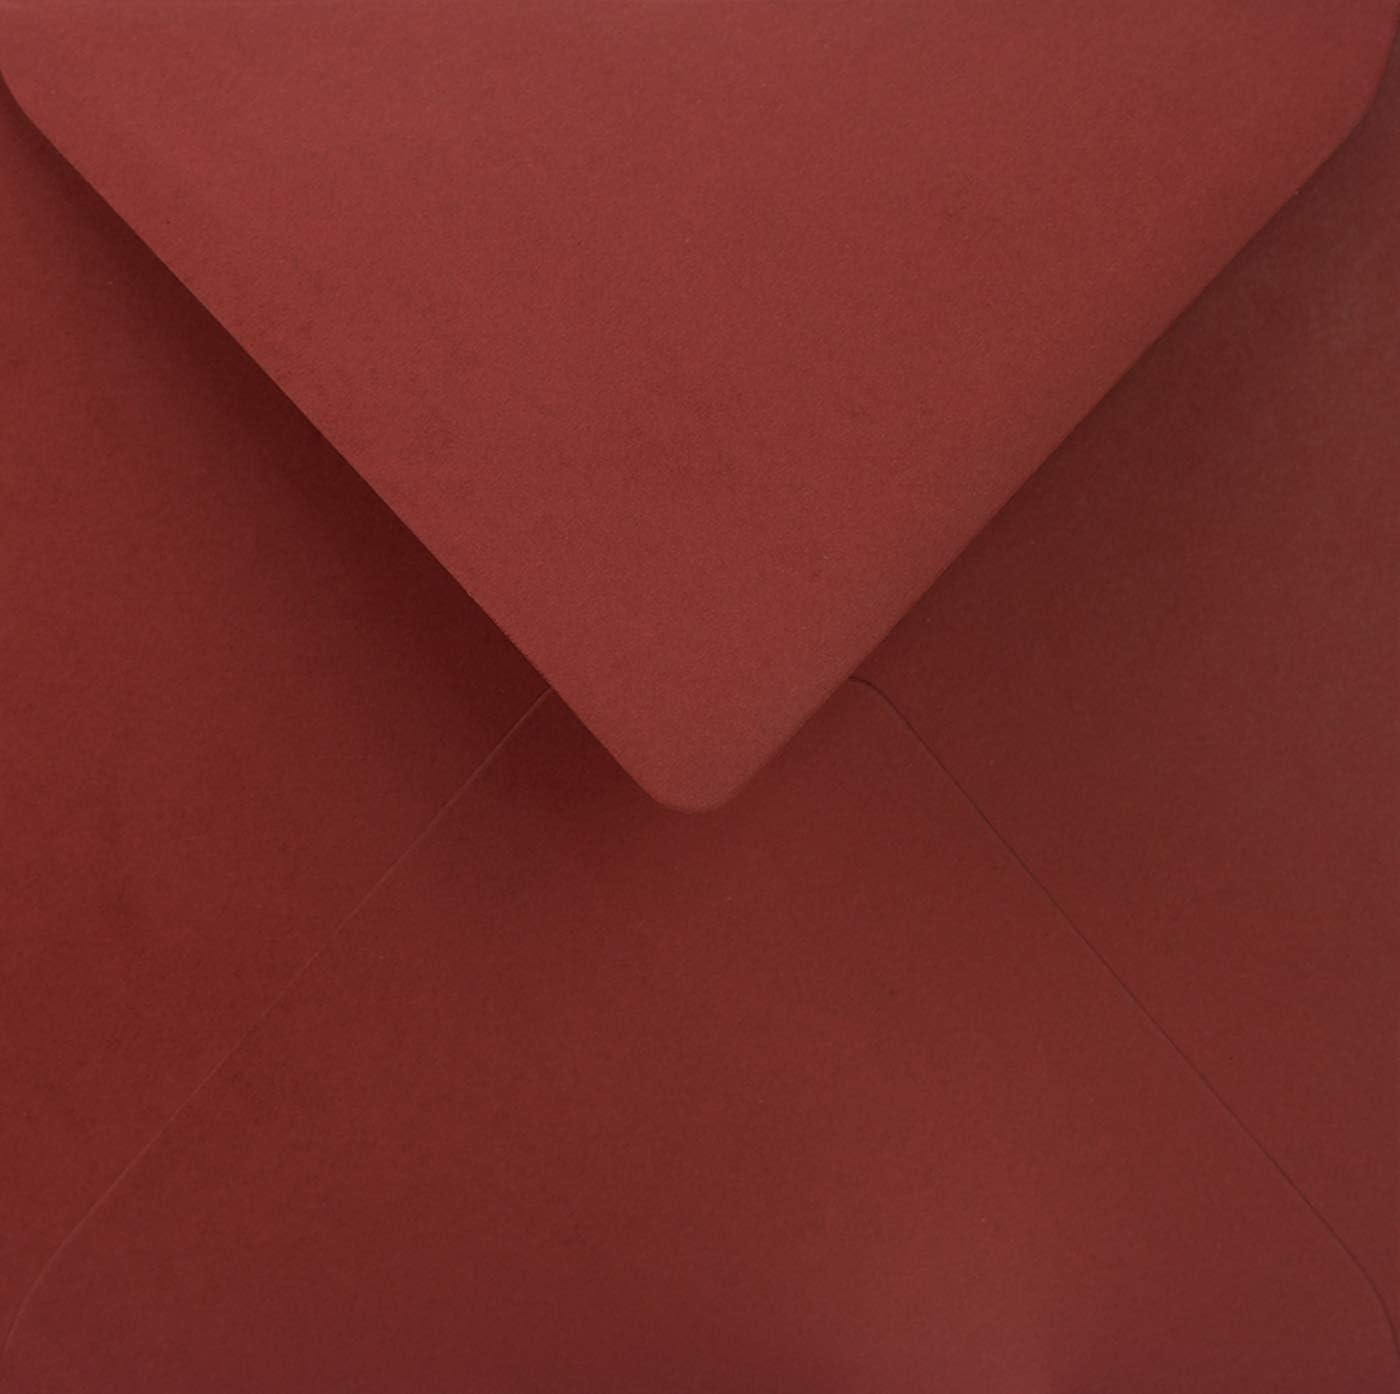 25 Dunkel-Blau quadratische Briefumschl/äge ohne Fenster Spitzklappe 153x153 mm 115g Sirio Color Dark Blue farbige Umschl/äge quadratisch Brief-Kuverts bunt f/ür Hochzeit Geburtstag Taufe Weihnachten